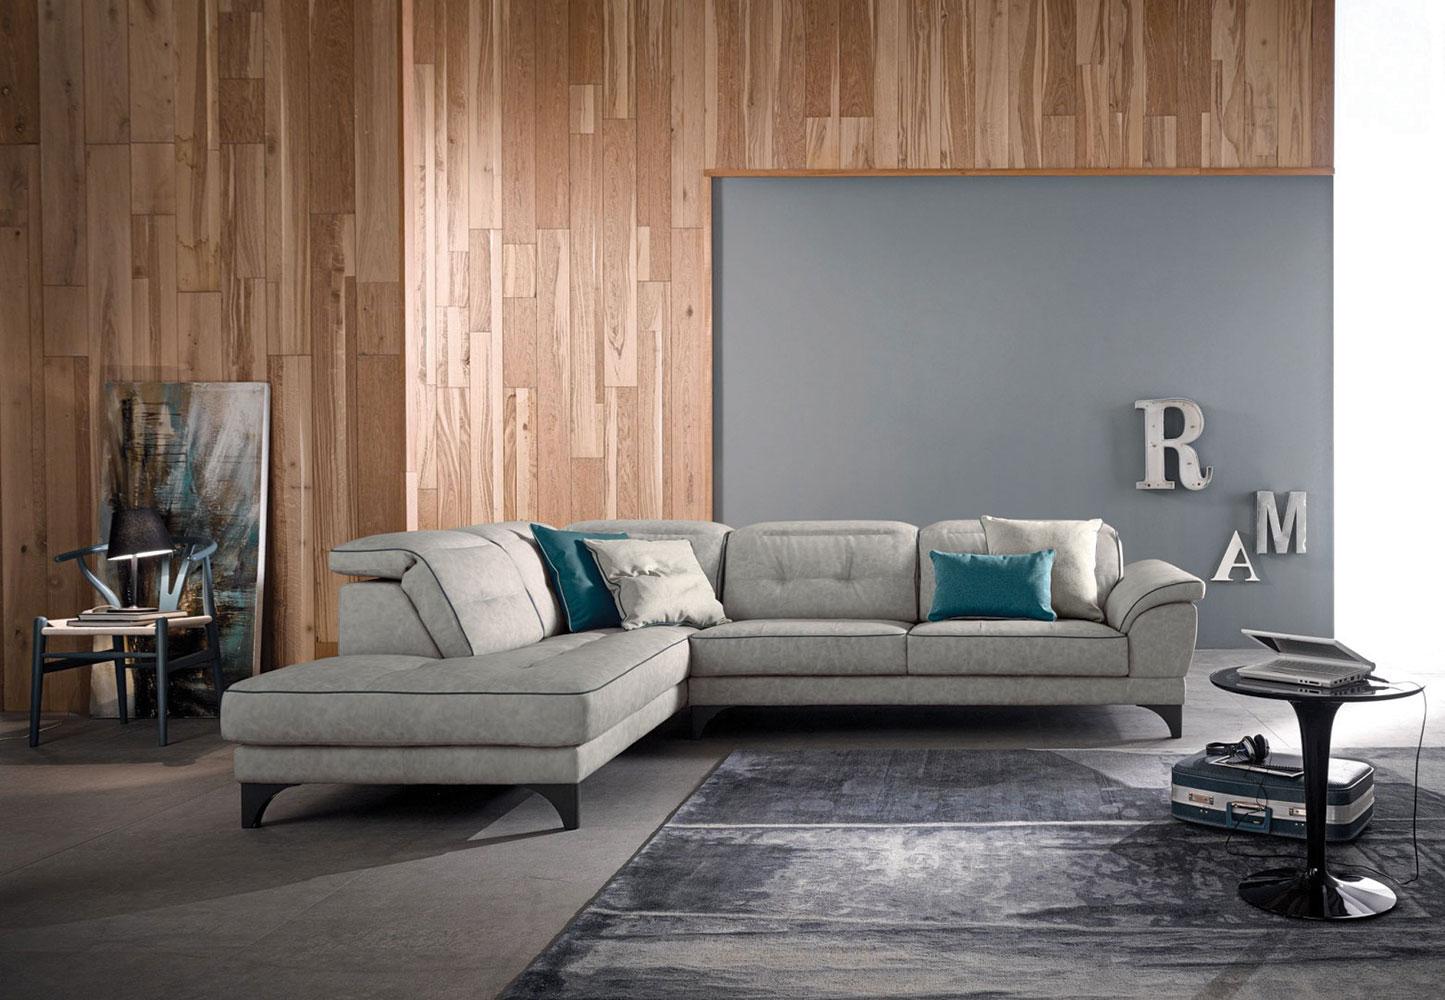 Divano anastasia le comfort centro dell 39 arredamento di for Le comfort divani